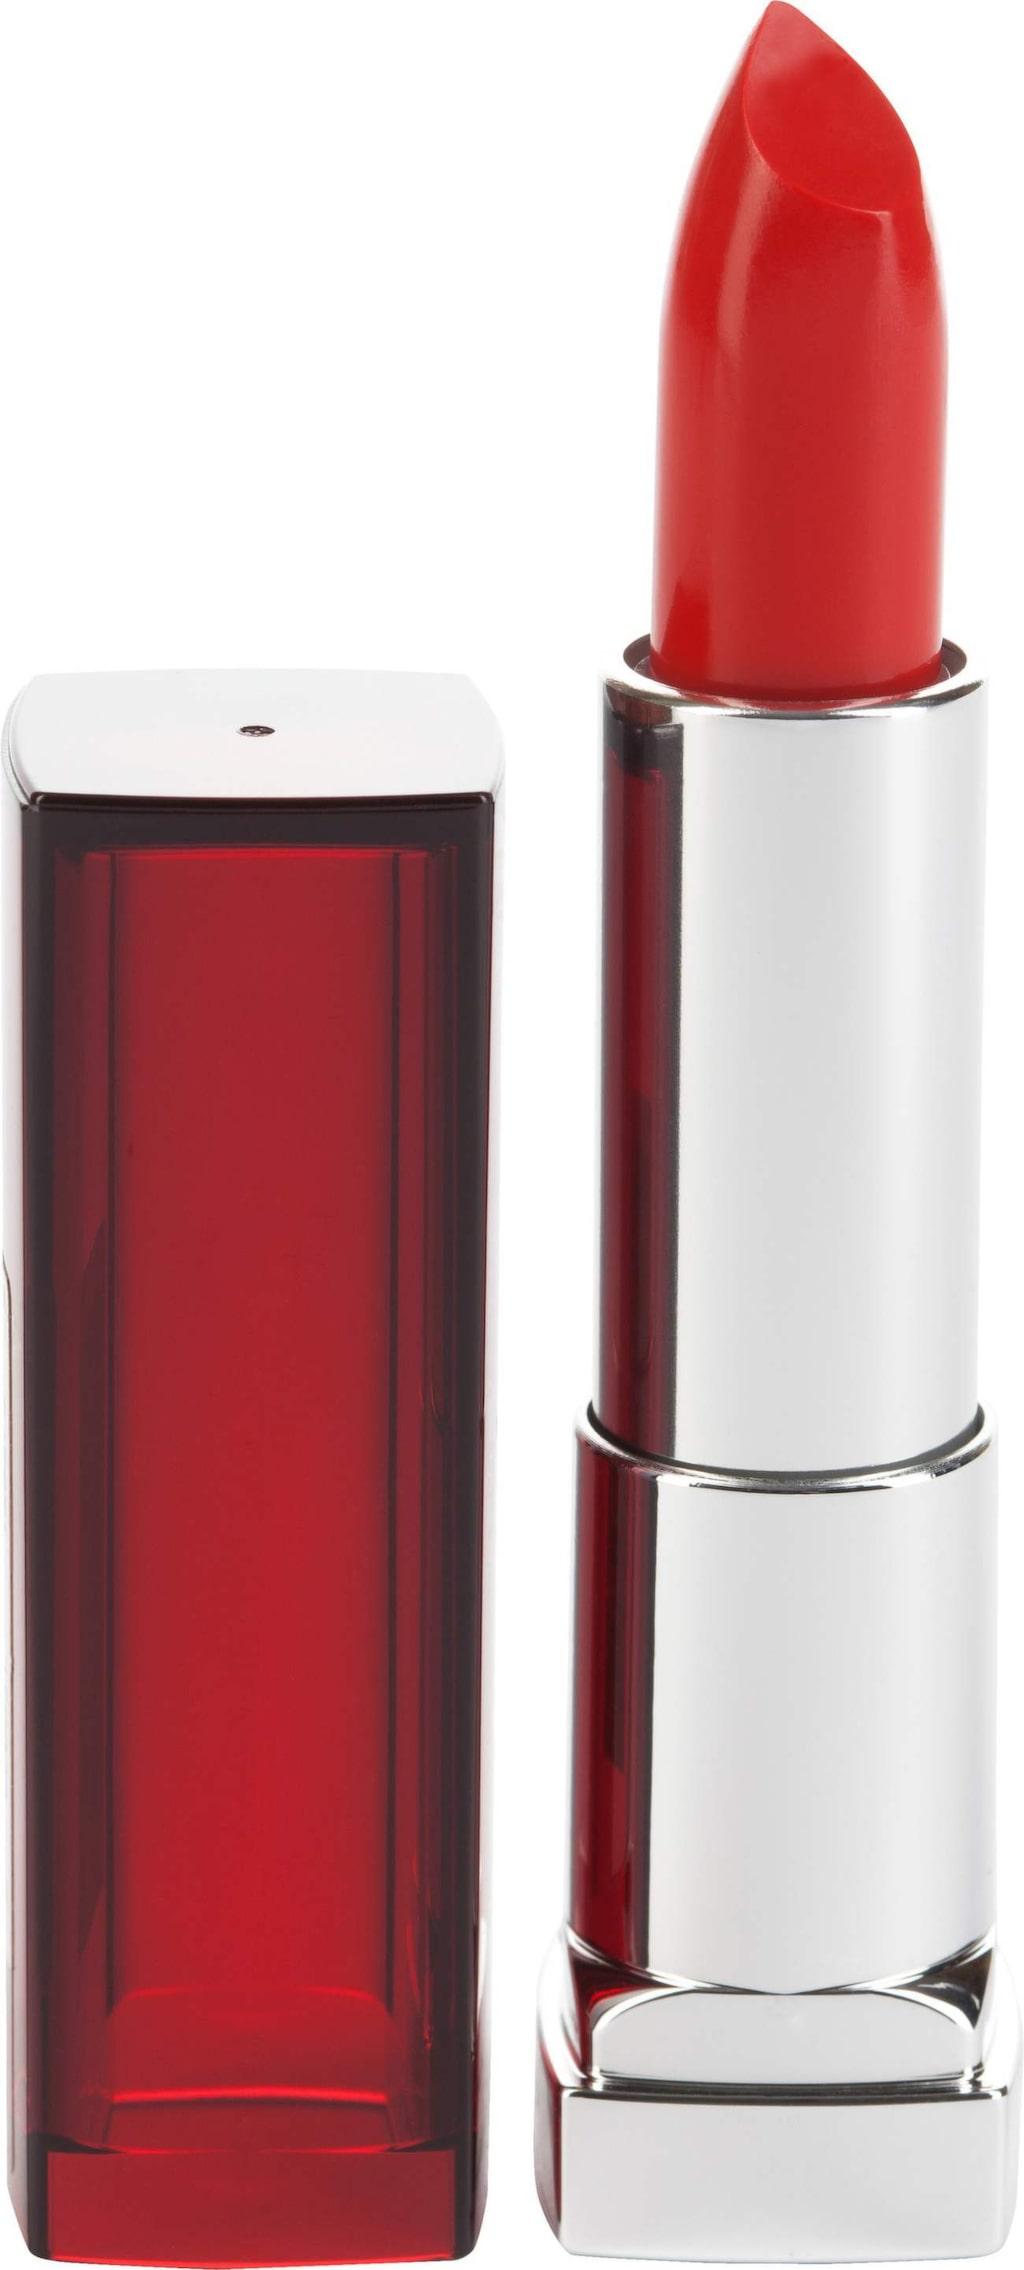 """<p>Läppstift """"Color sensational"""" i färgen Red revolution från Maybelline, 119 kronor.</p>"""